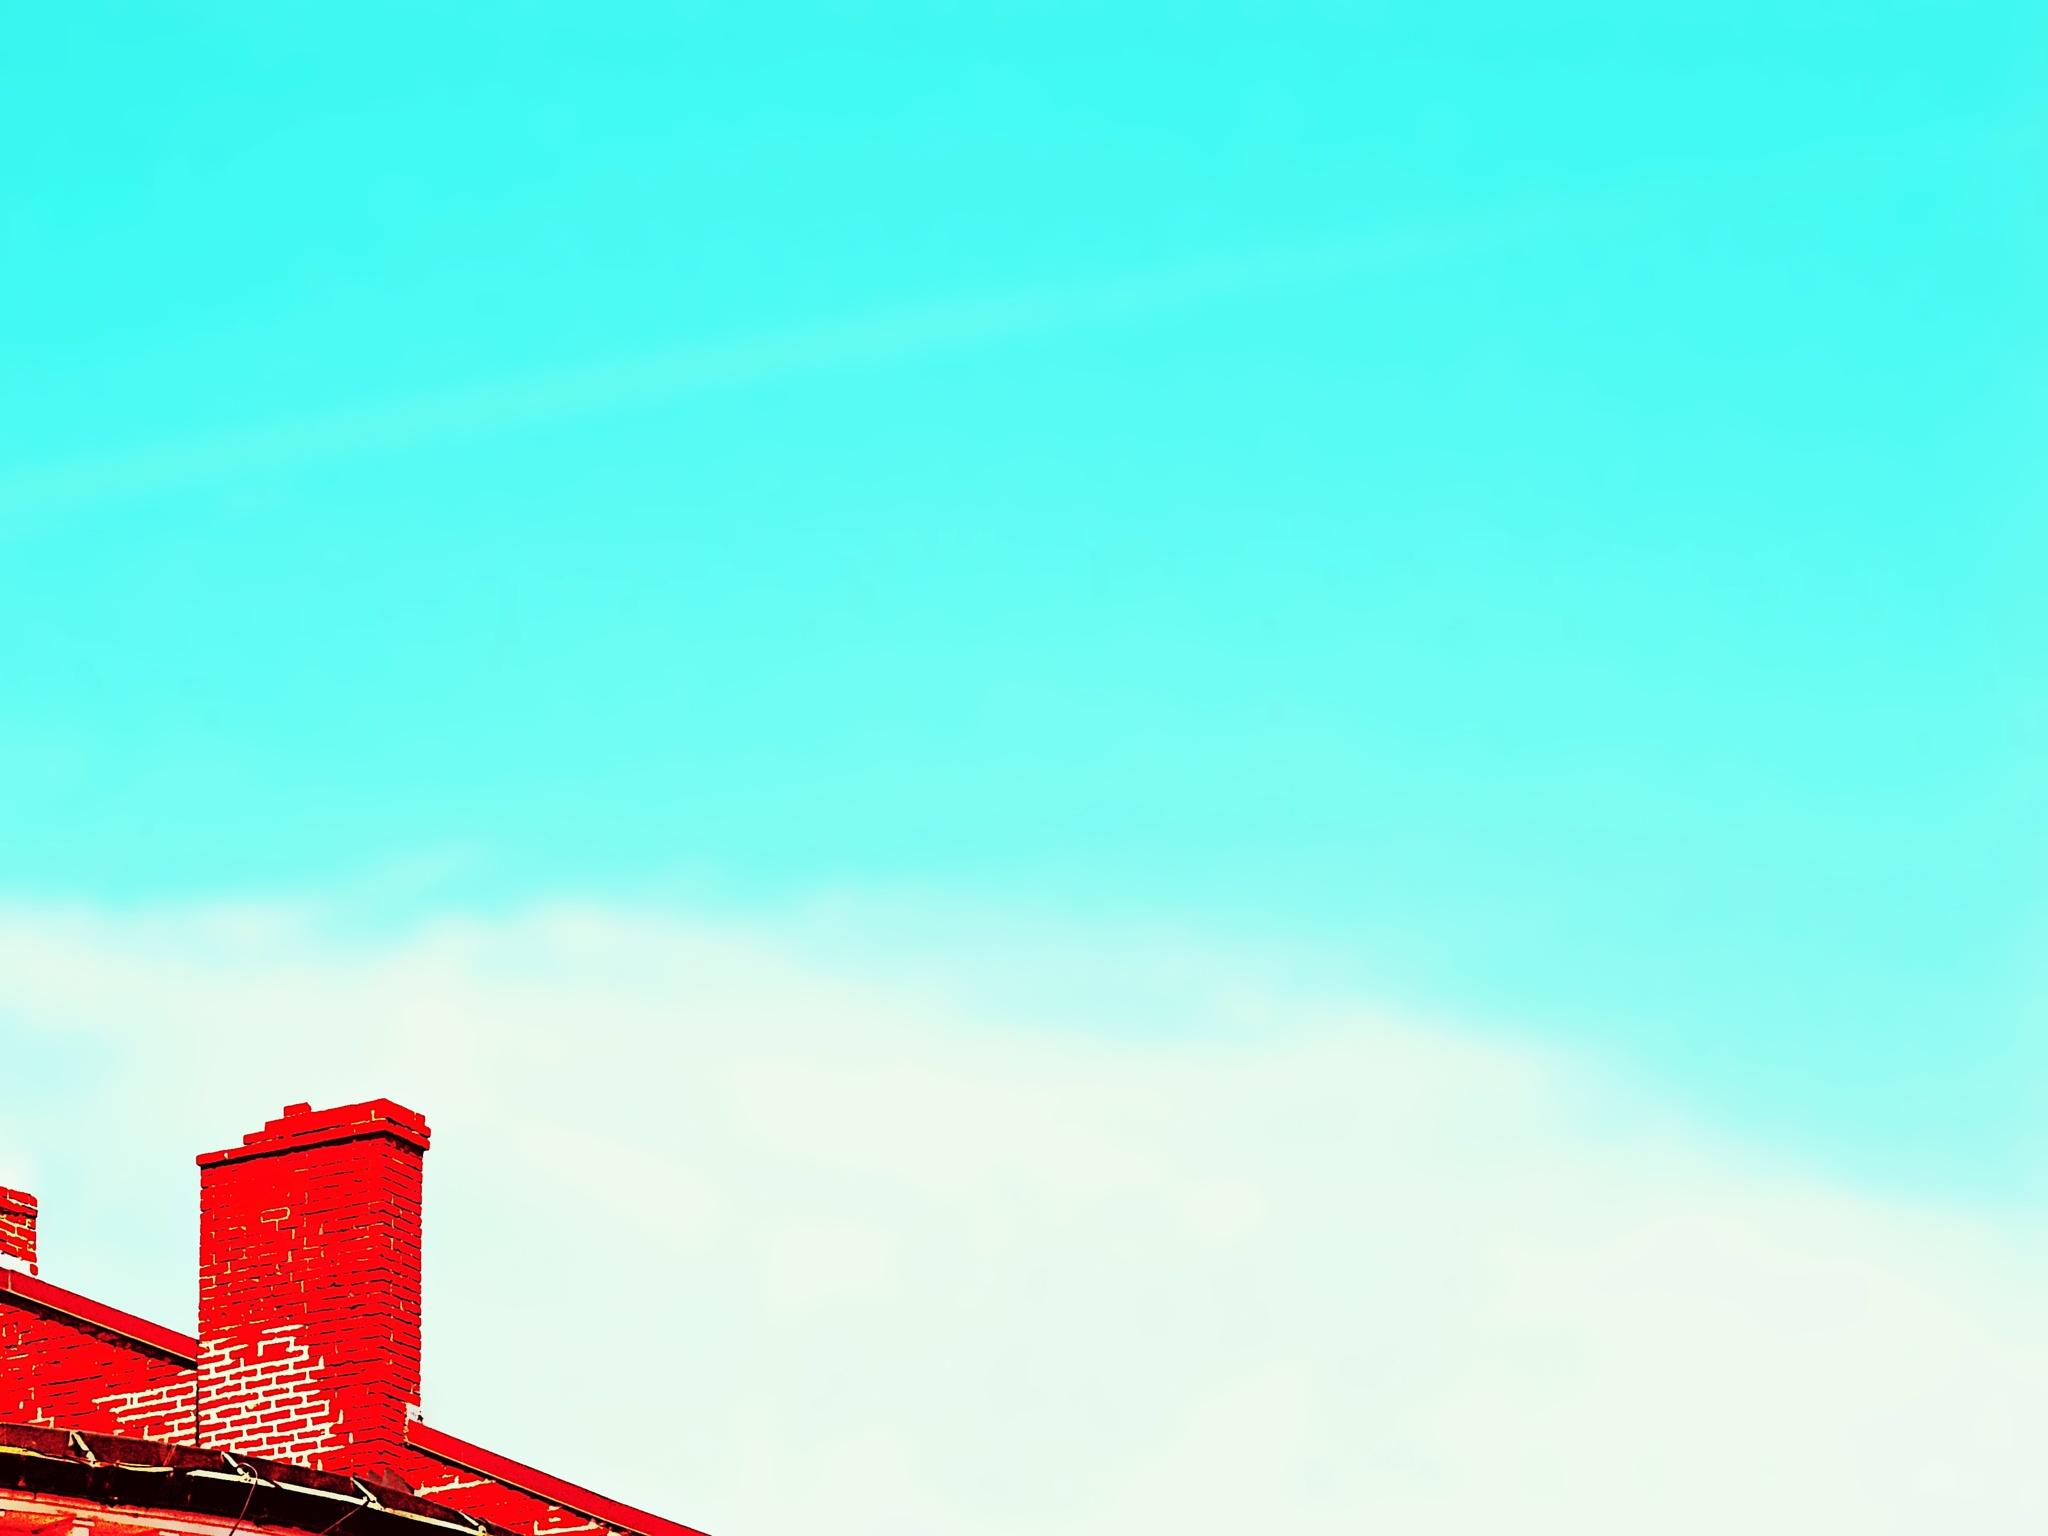 Brick chimney by dan_gildor